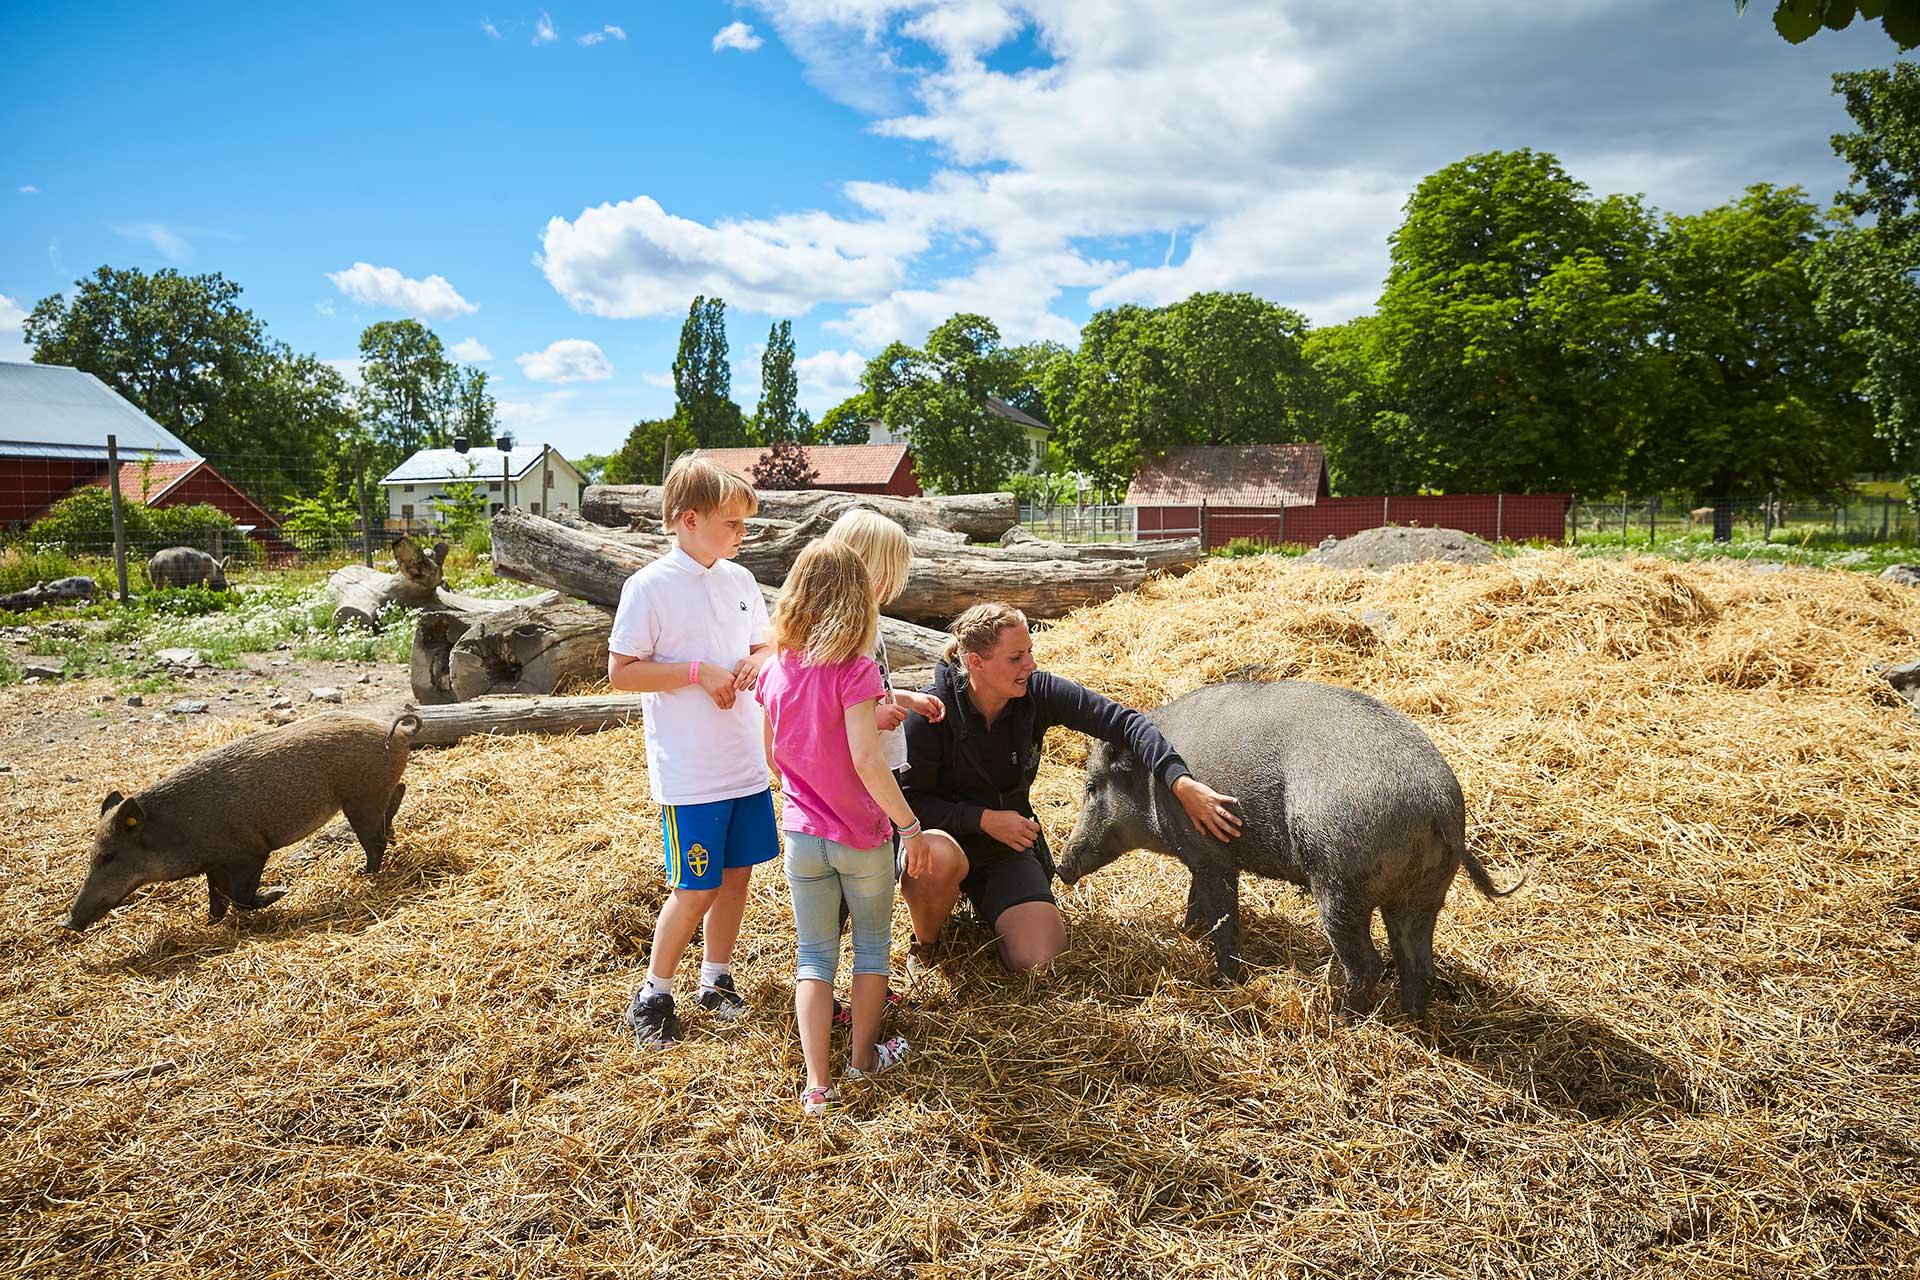 Barn klappar grisar på Kungsbyns Djurpark i Västerås. Foto: BildN